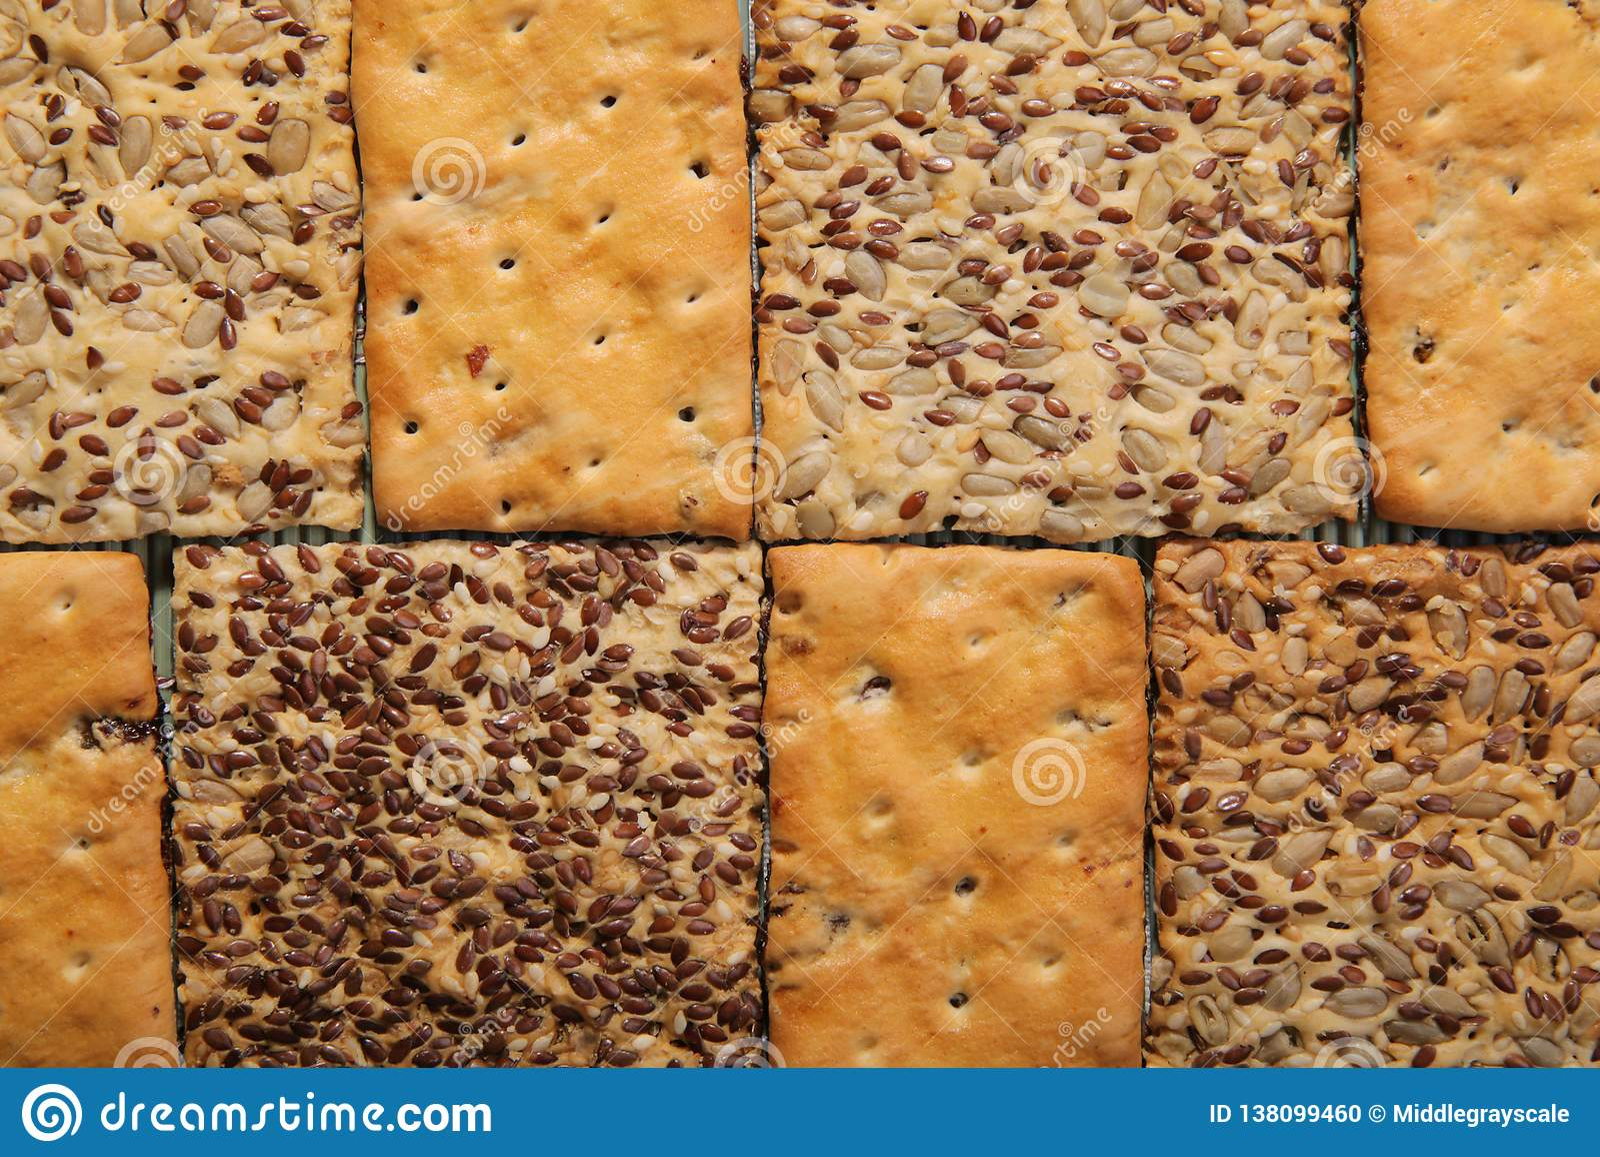 Вкусные печенья разных видов 2 вида печенья